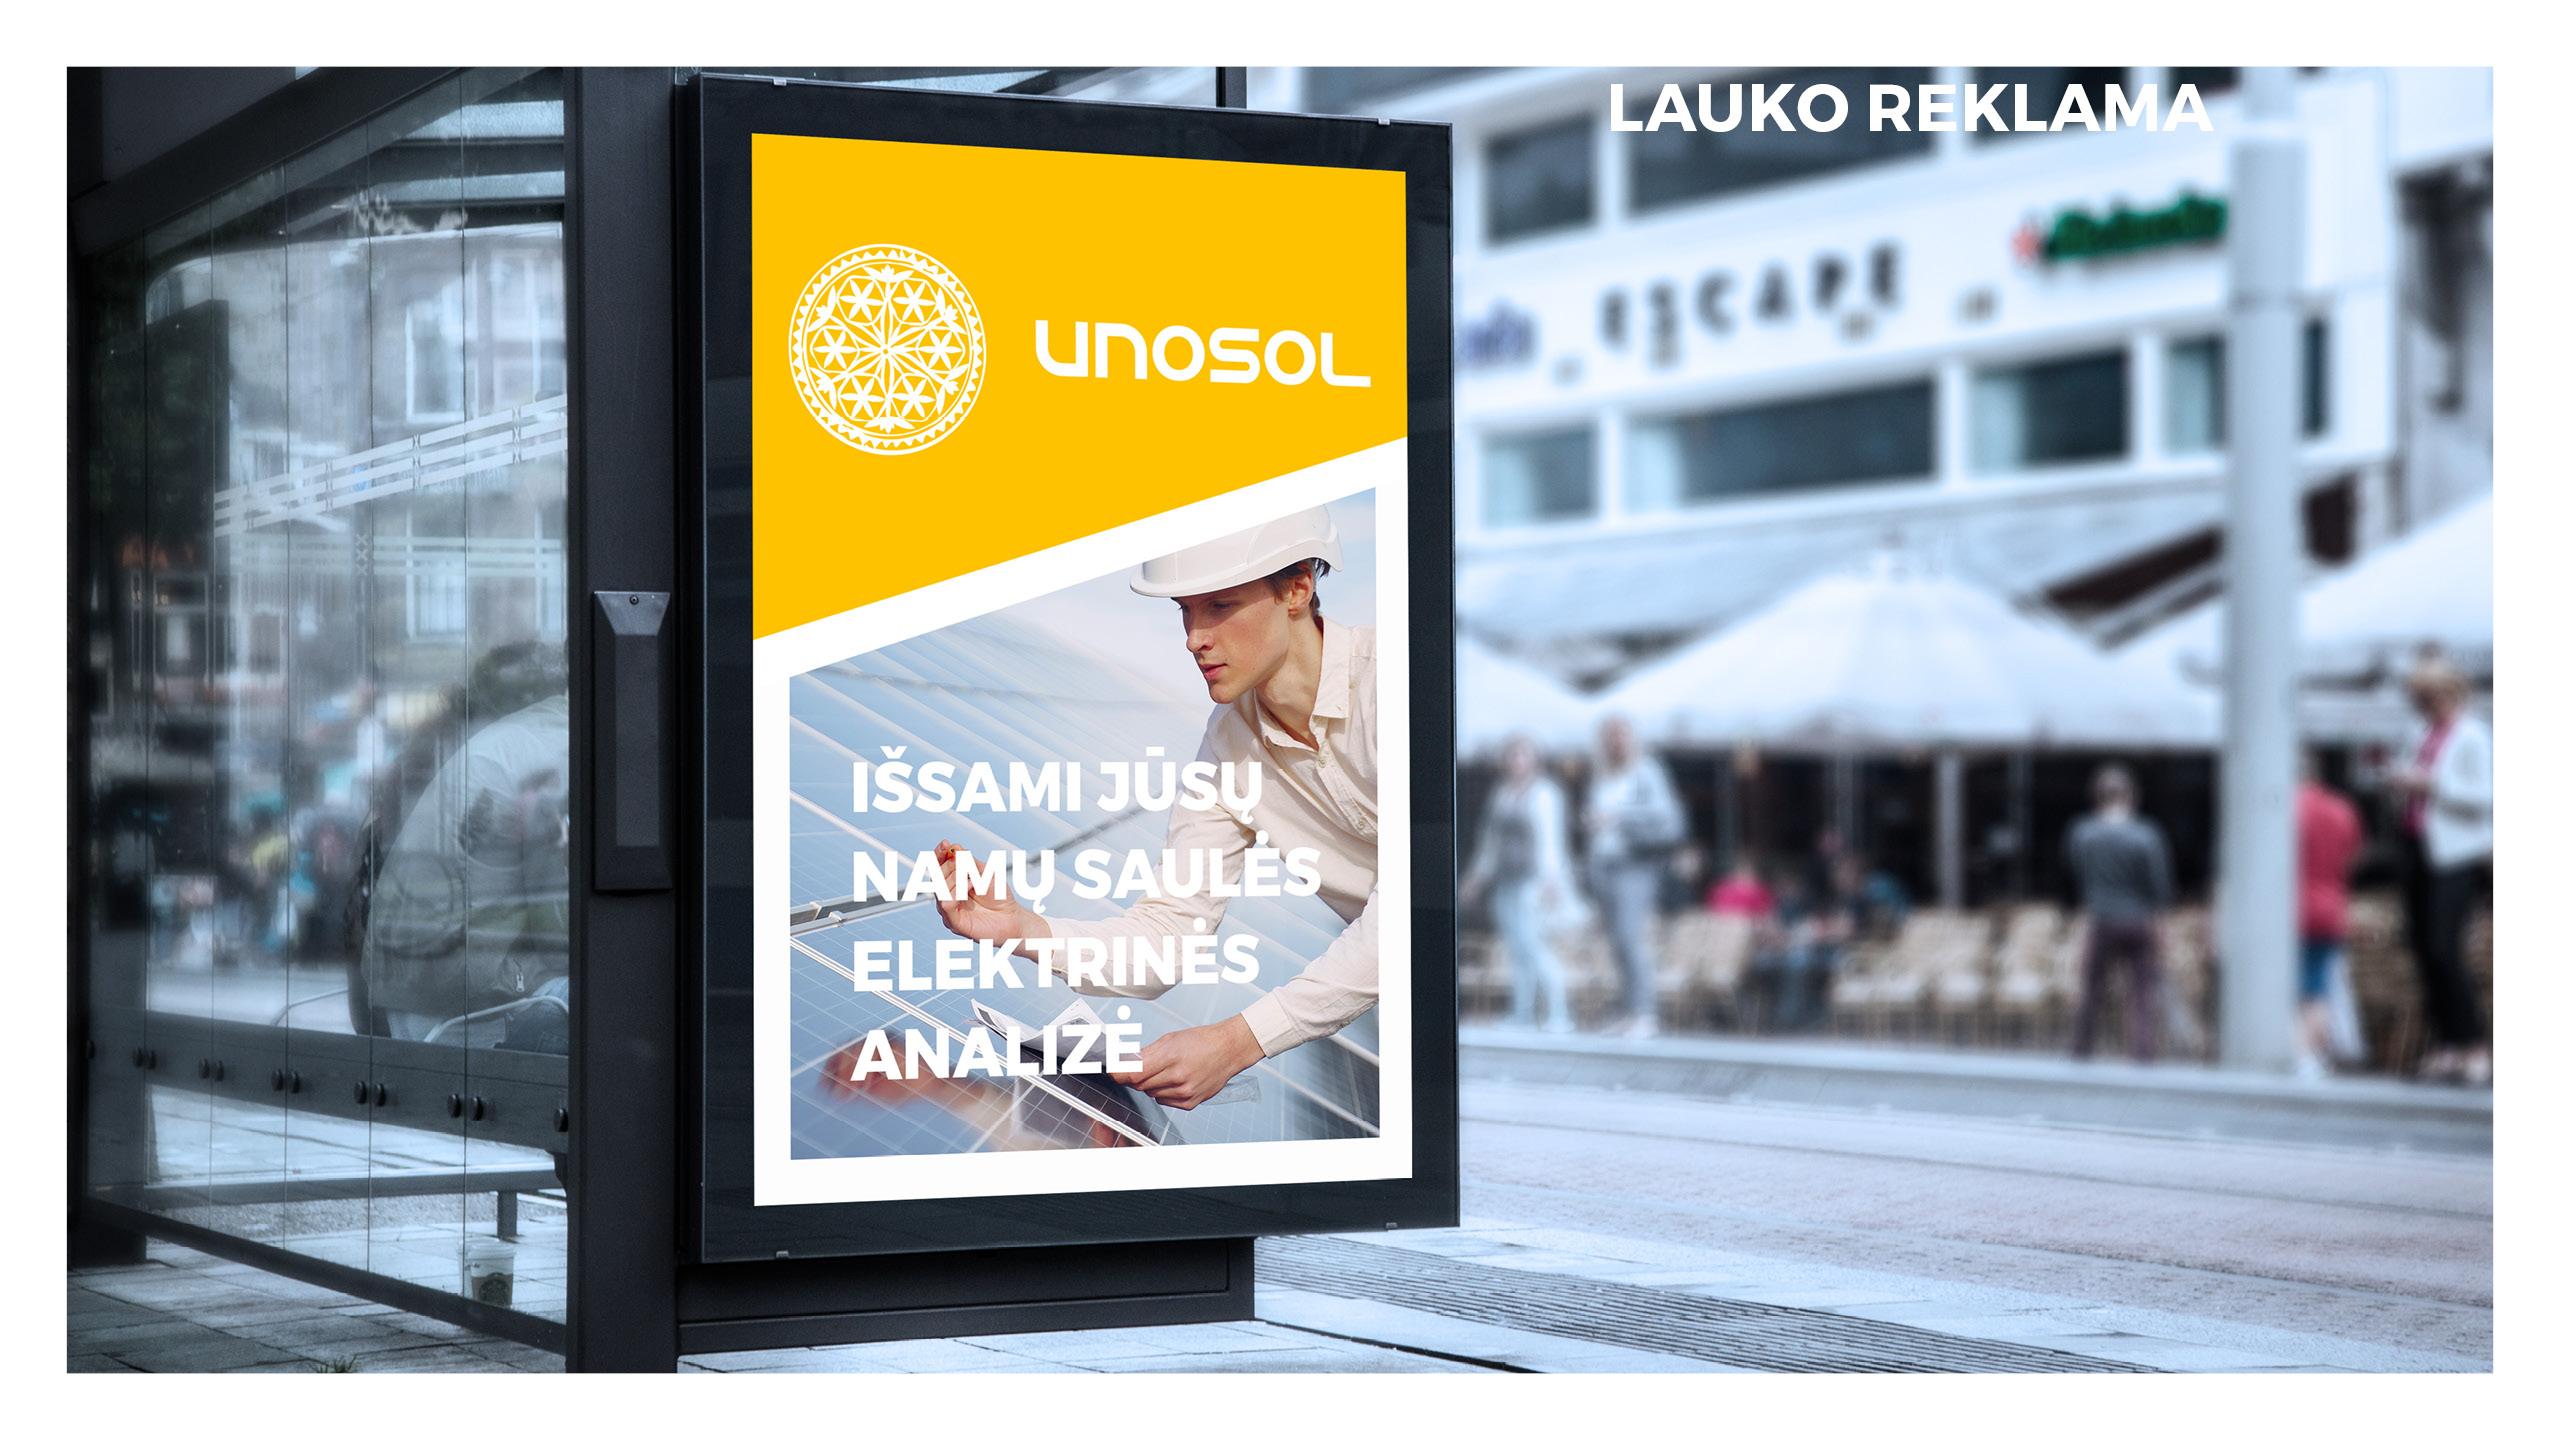 UNOSOL Vizualinio Identiteto vadovas 20 / Logobou design